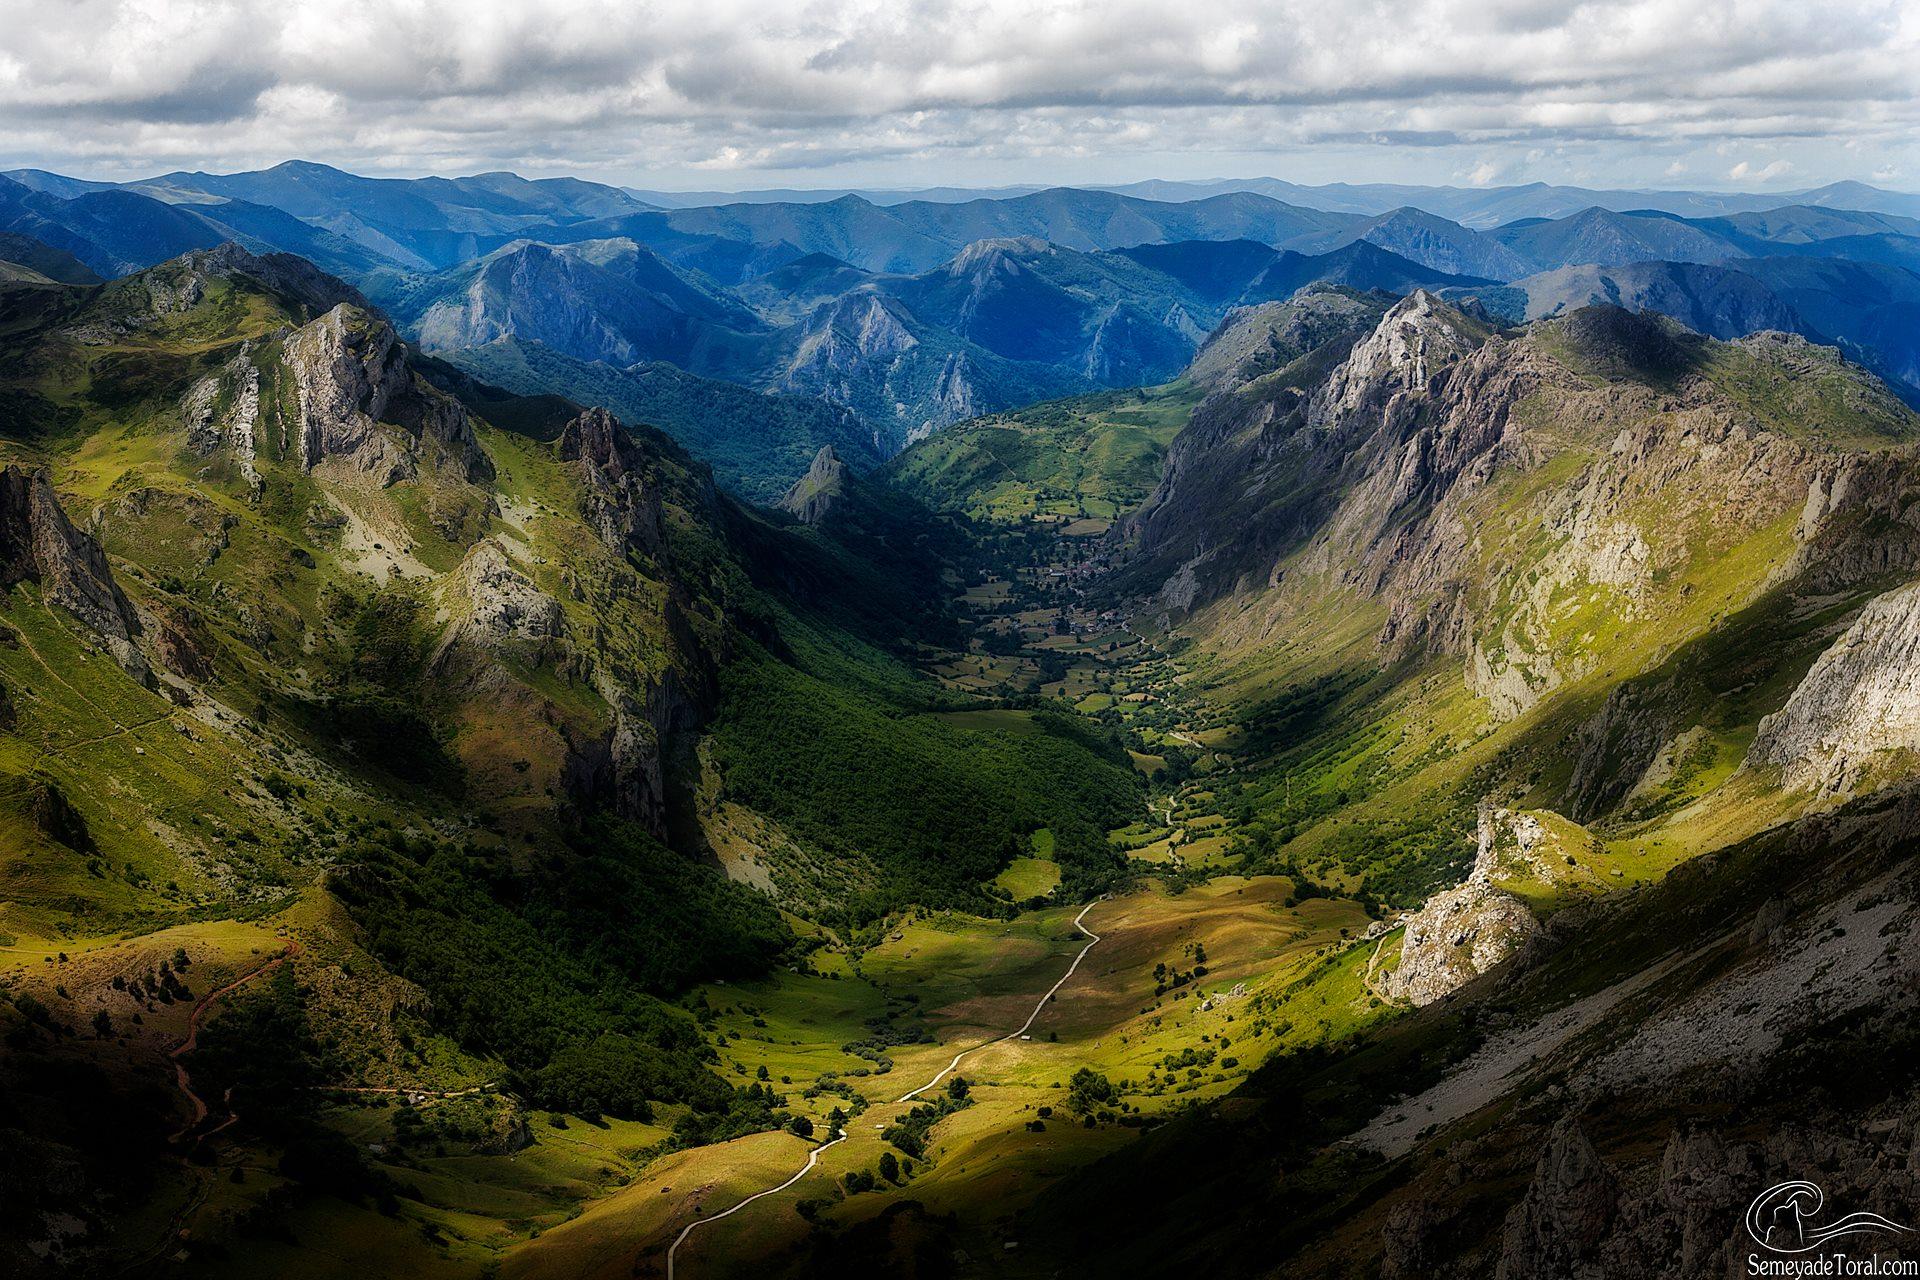 El valle del Valle. - MONTAÑA - Semeya  de Toral